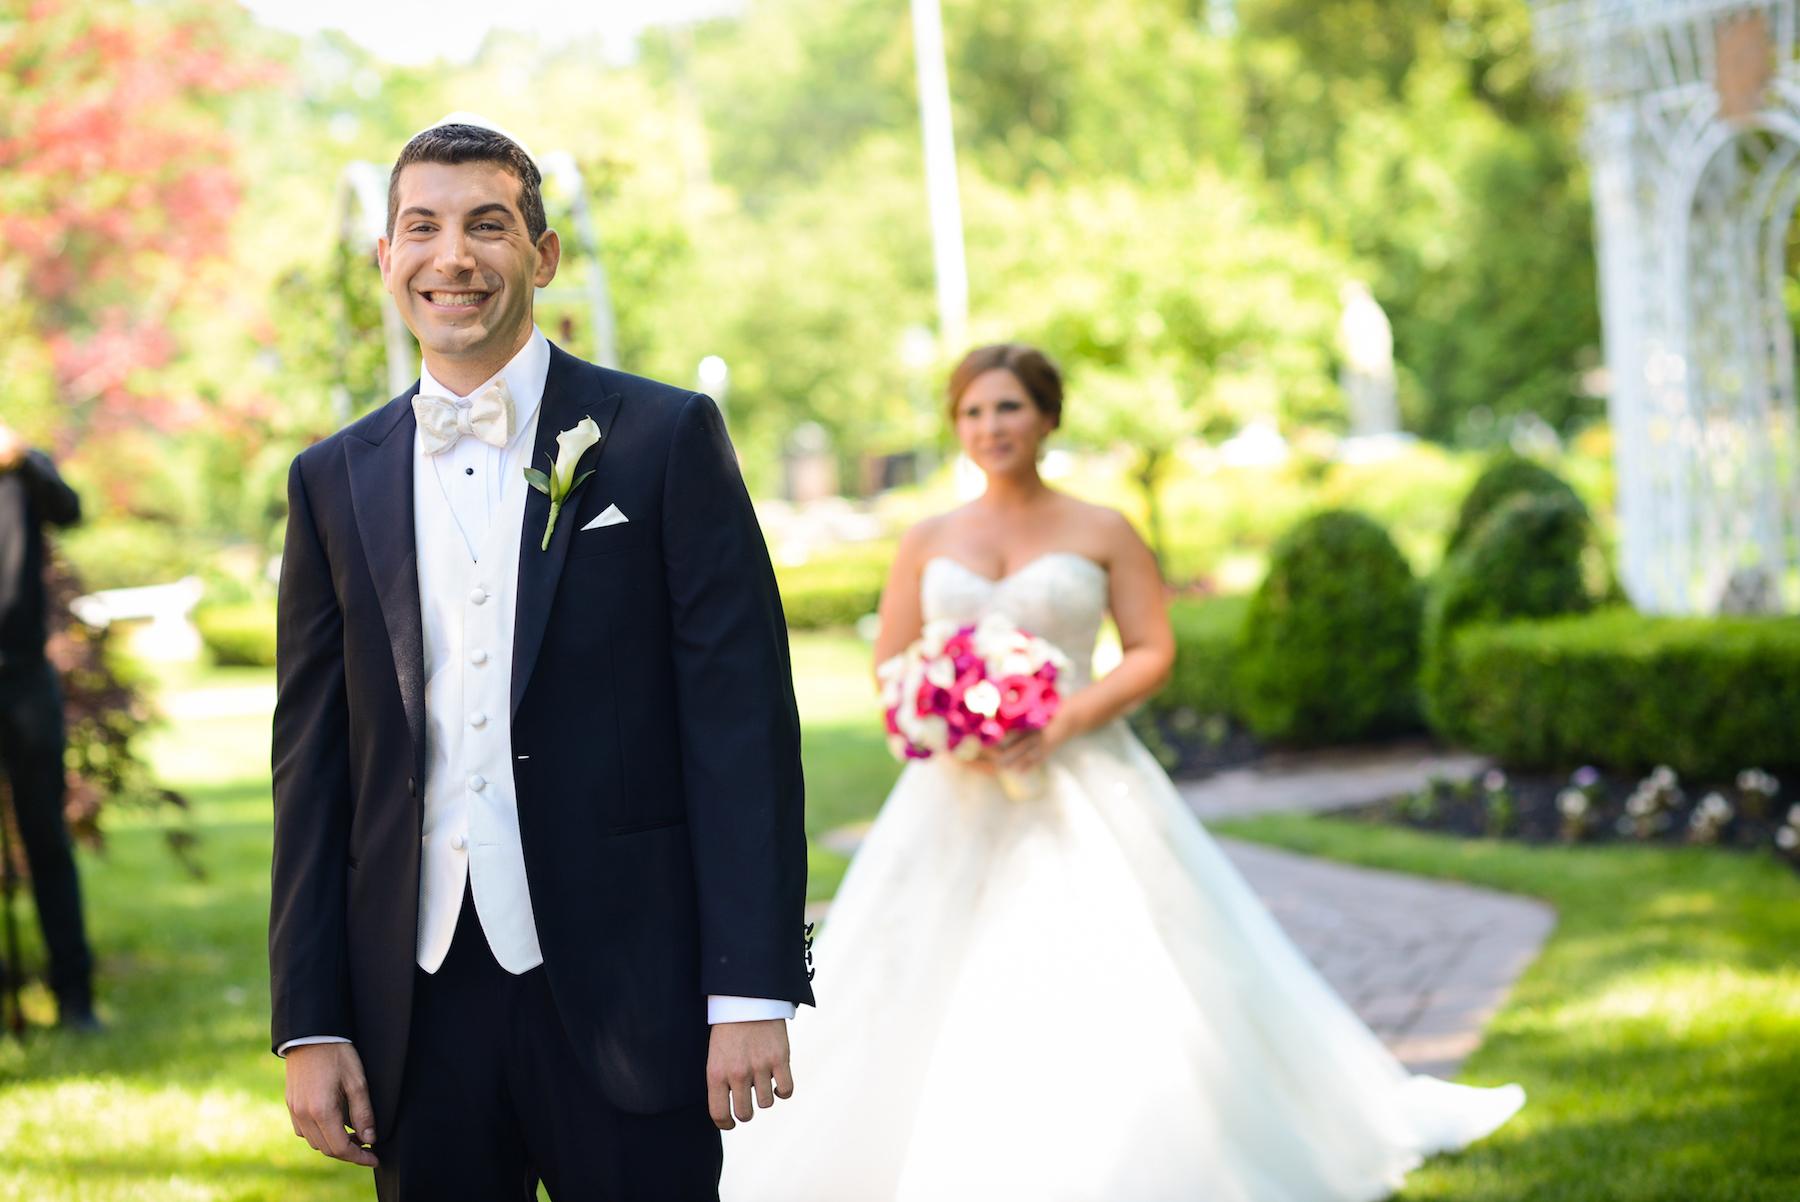 rockleigh-country-club-wedding-veroluce-photos-13